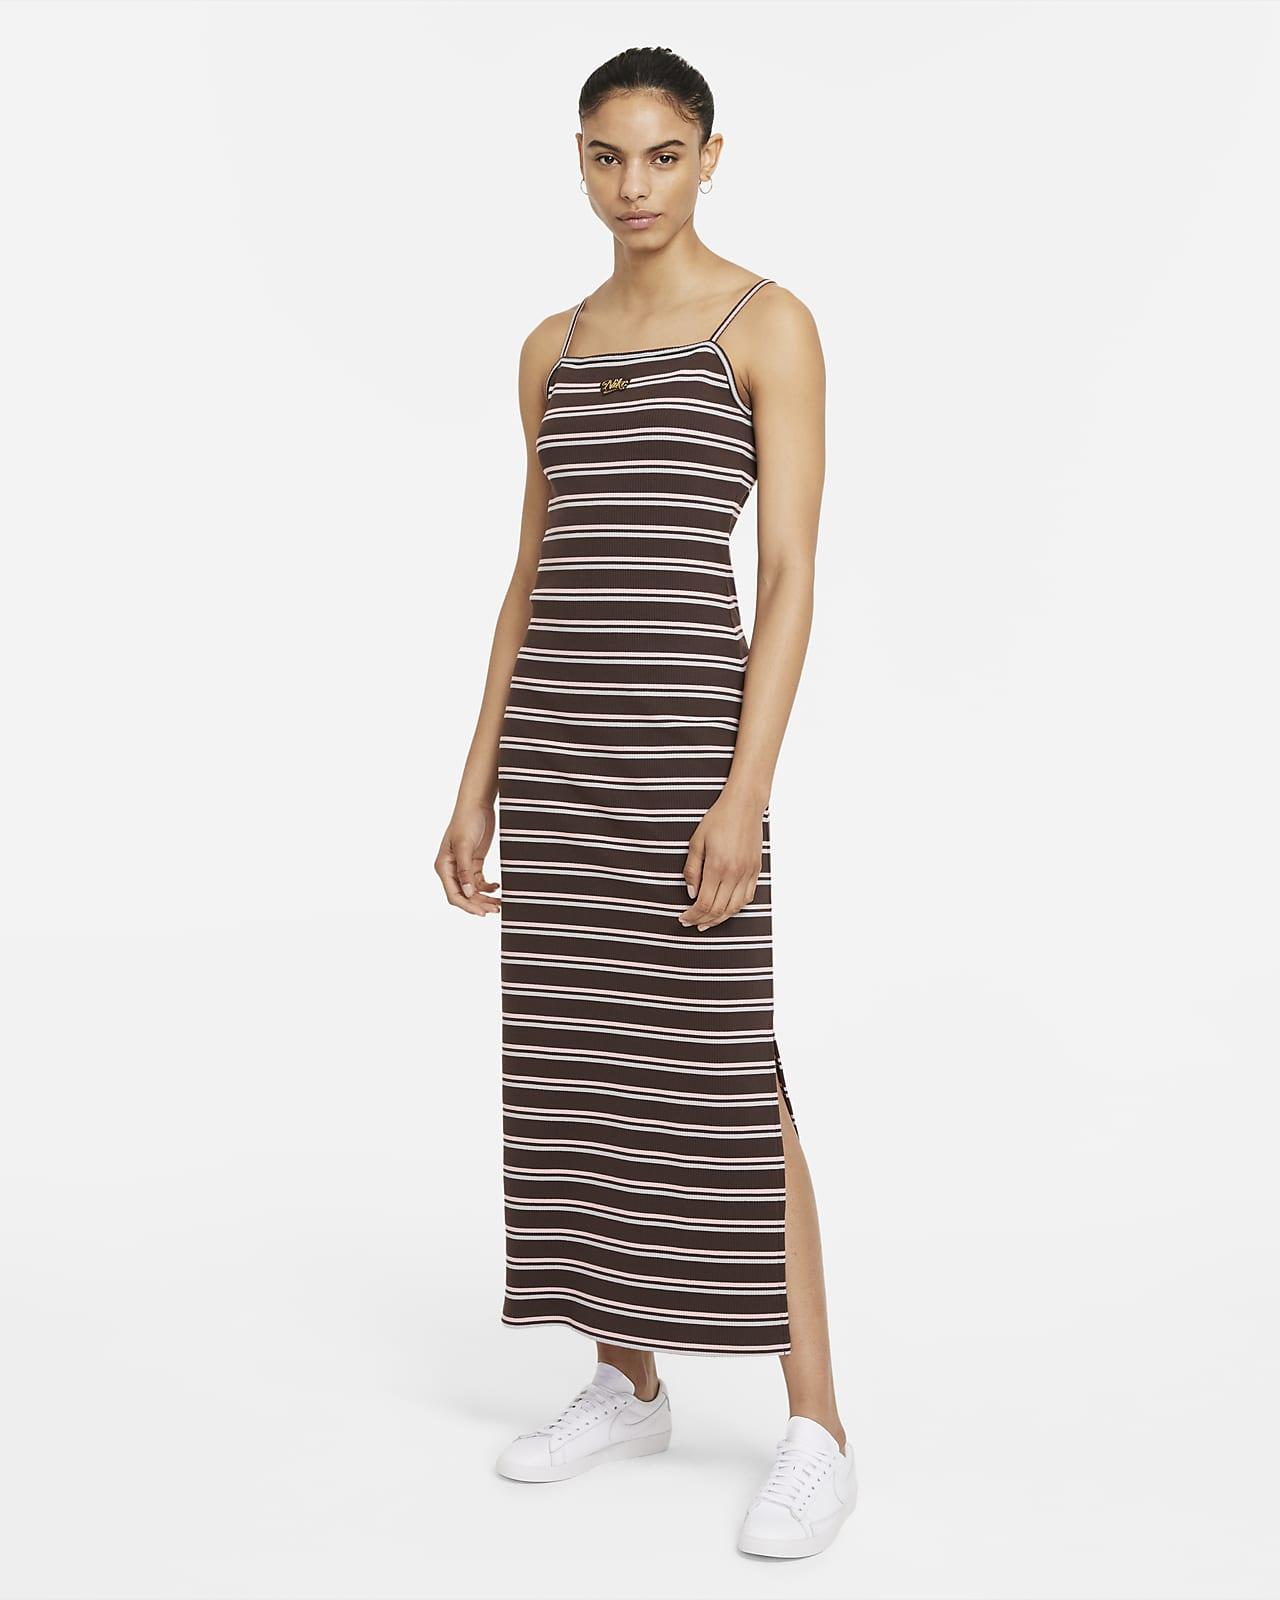 Vestido para mujer Nike Sportswear Femme